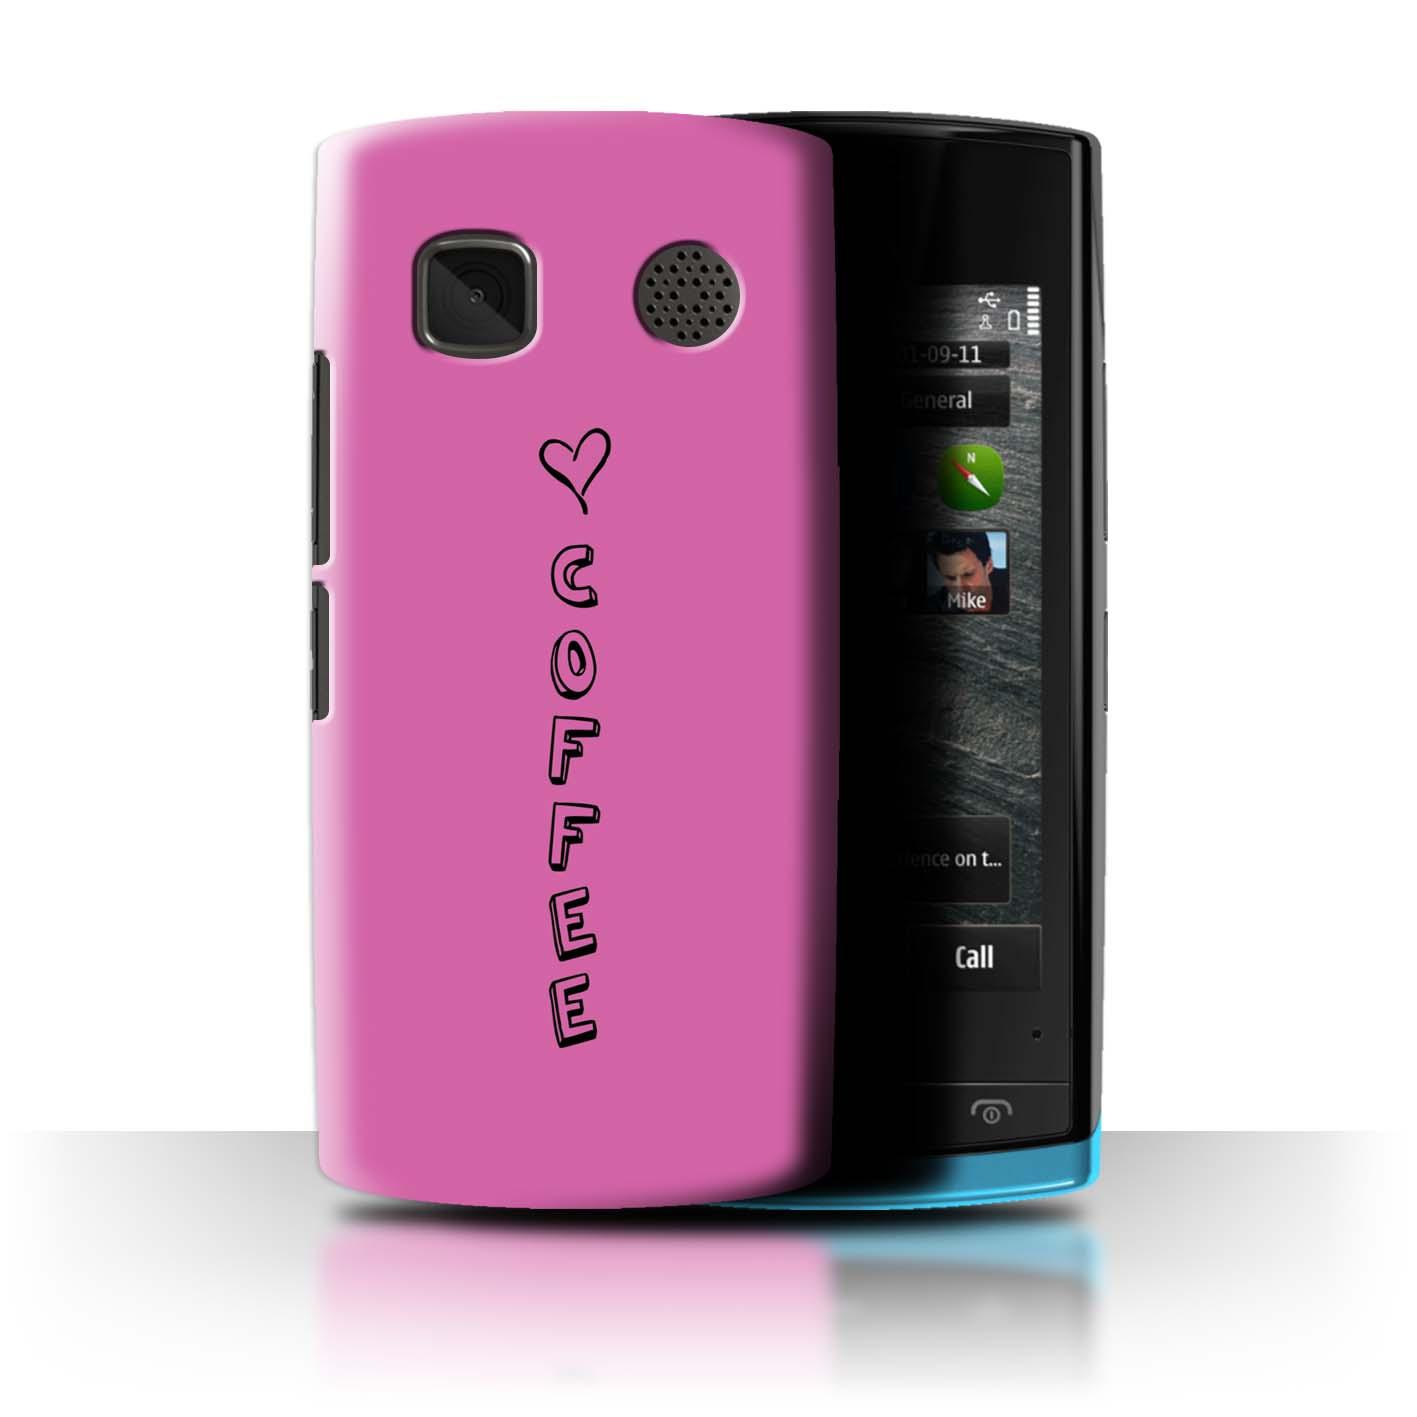 Stuff 4 teléfono caso/cubierta trasera para Nokia 500/Corazón Xoxo